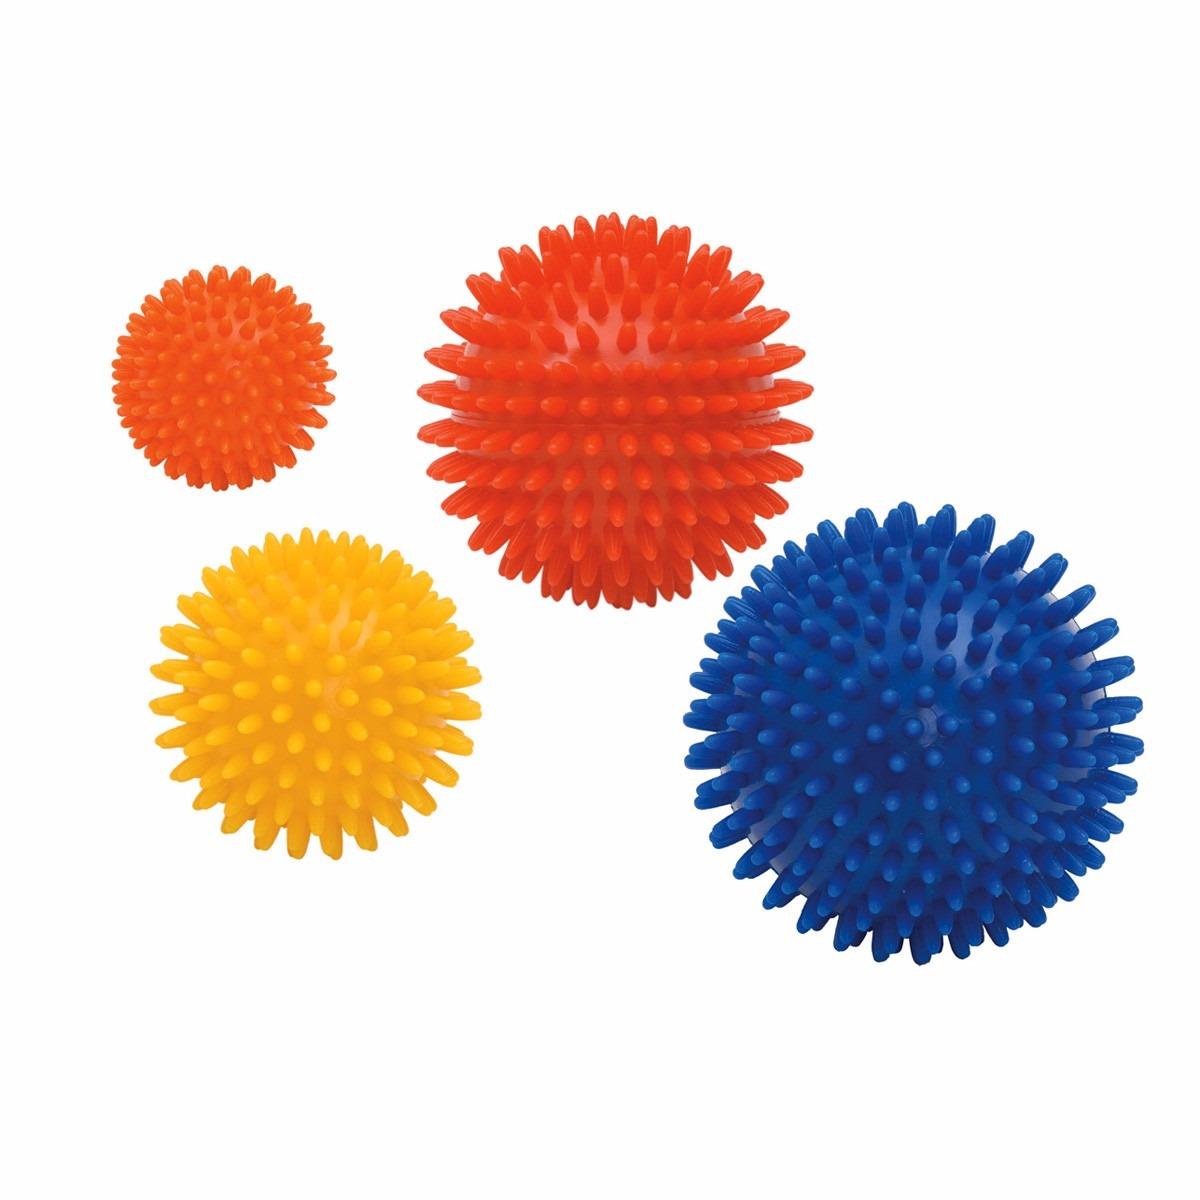 182e84588f53c bola anti stress c  cravo massagem mãos fisioterapia 1 bola. Carregando  zoom.